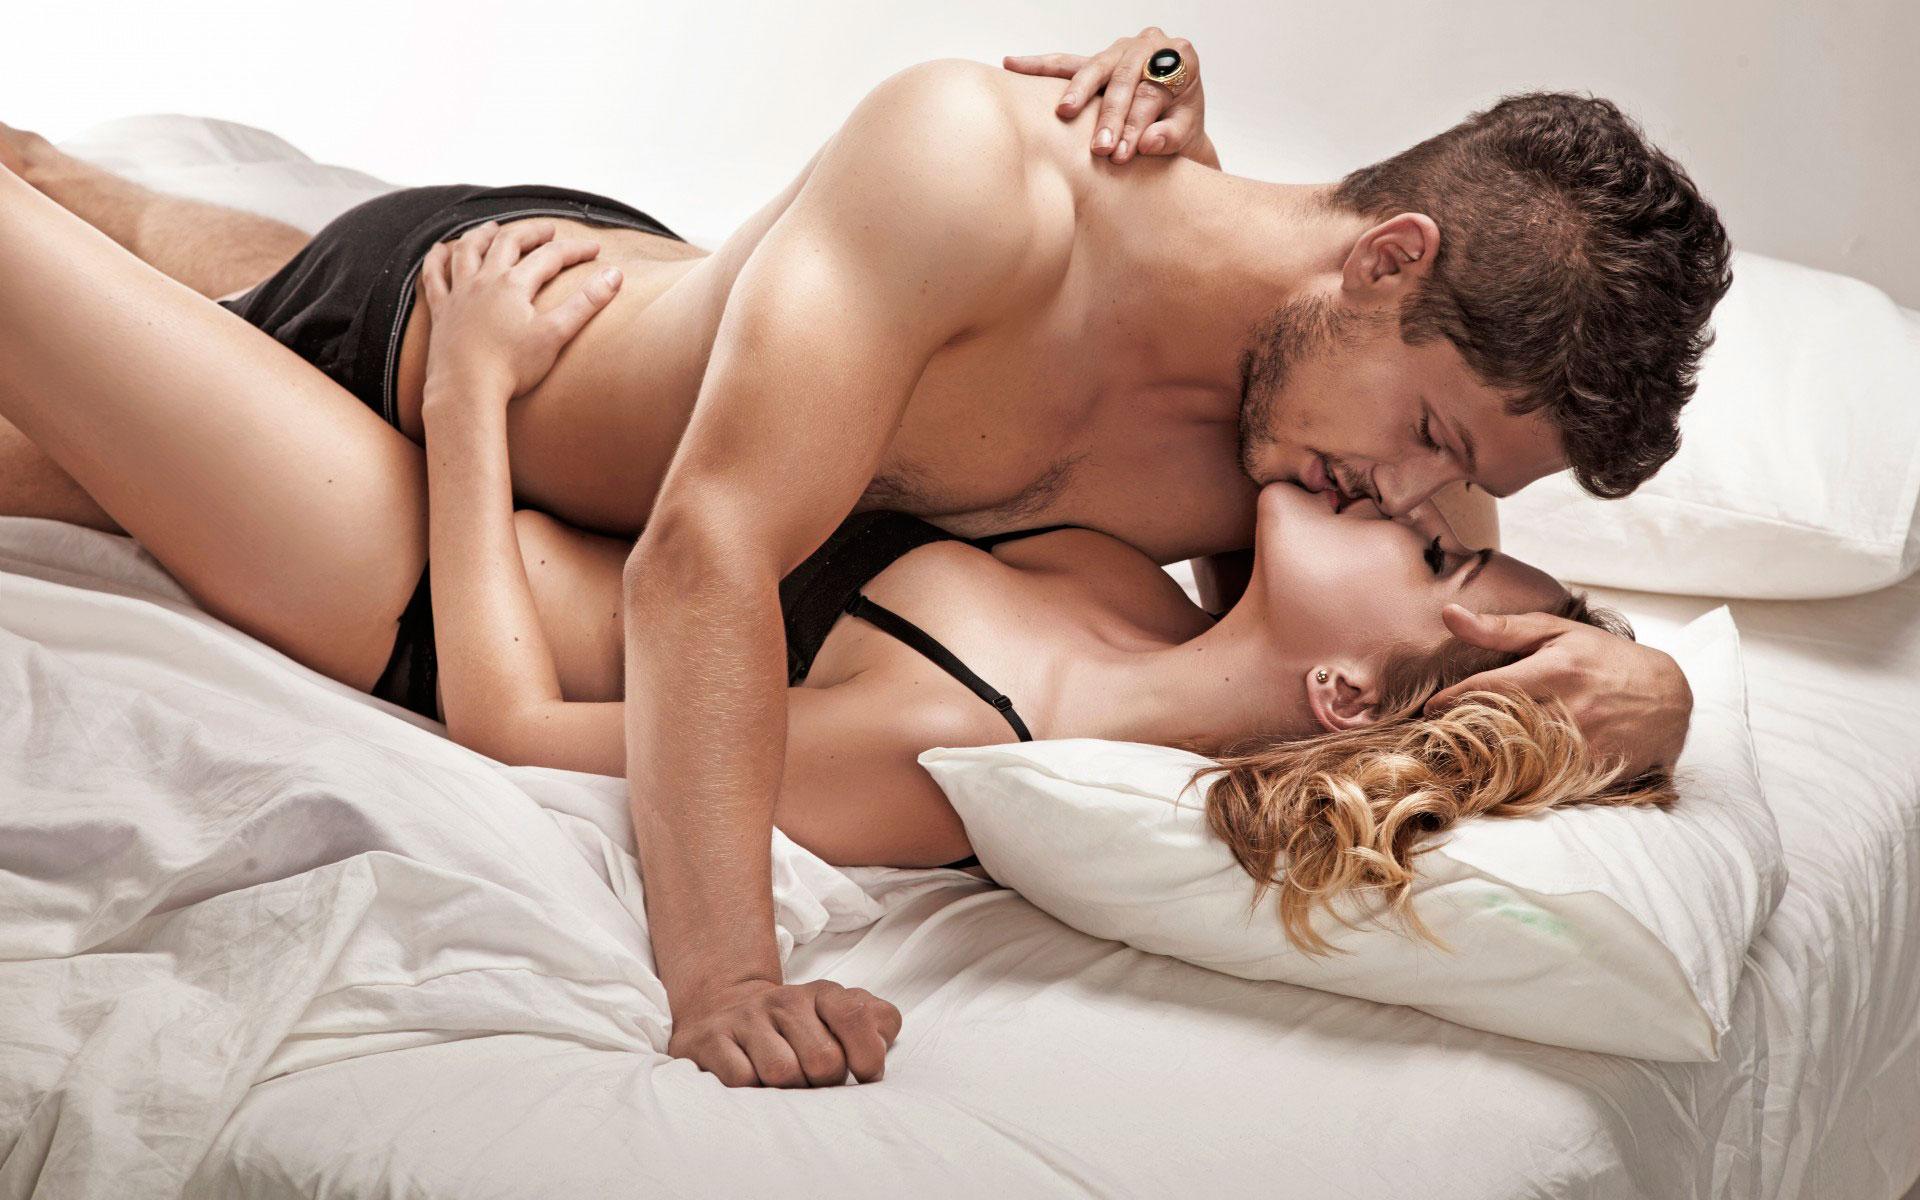 смотреть онлайн секс девушка на парне